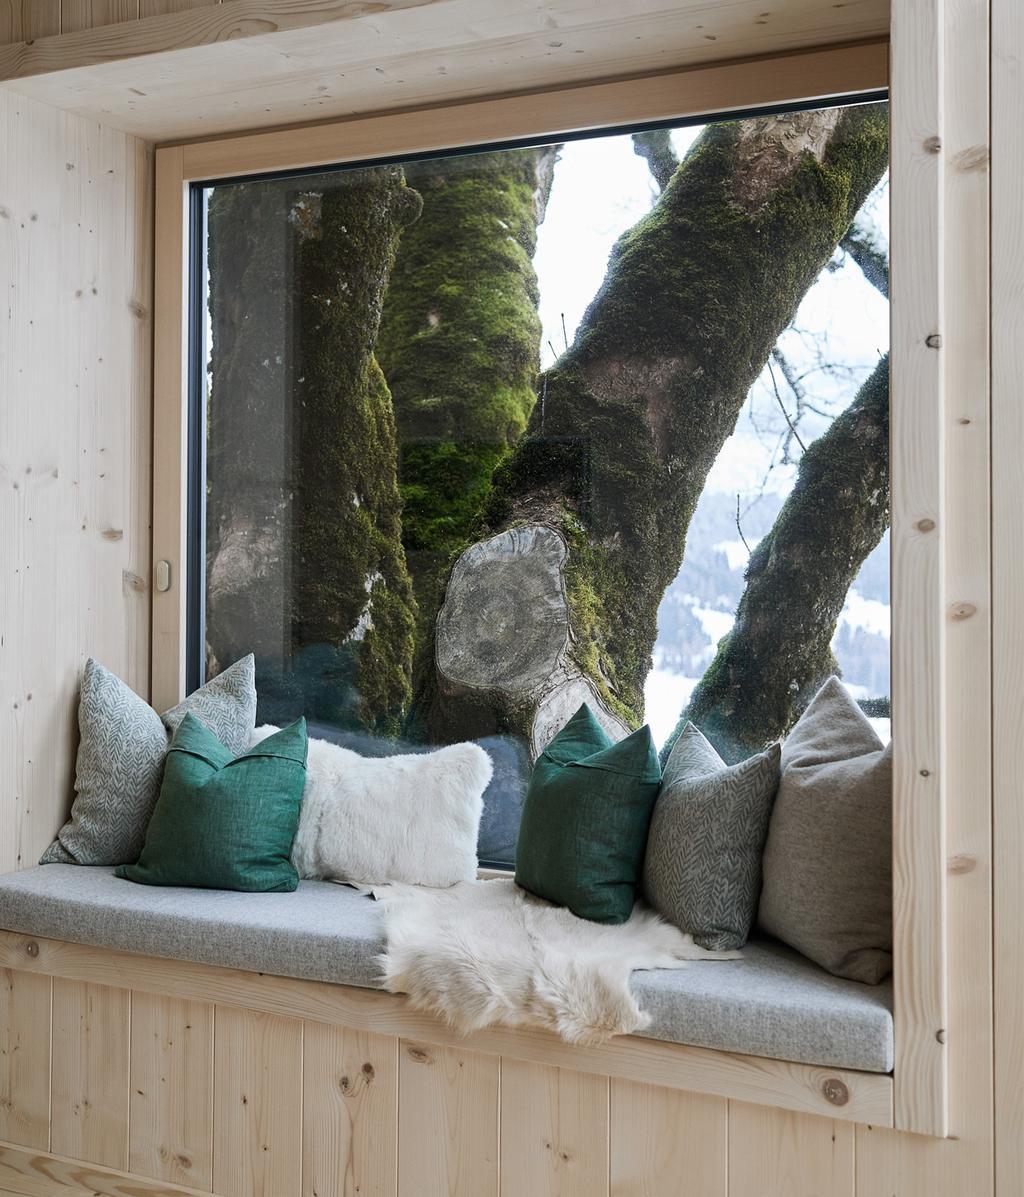 Zitplek bij het raam | vtwonen 13-2020